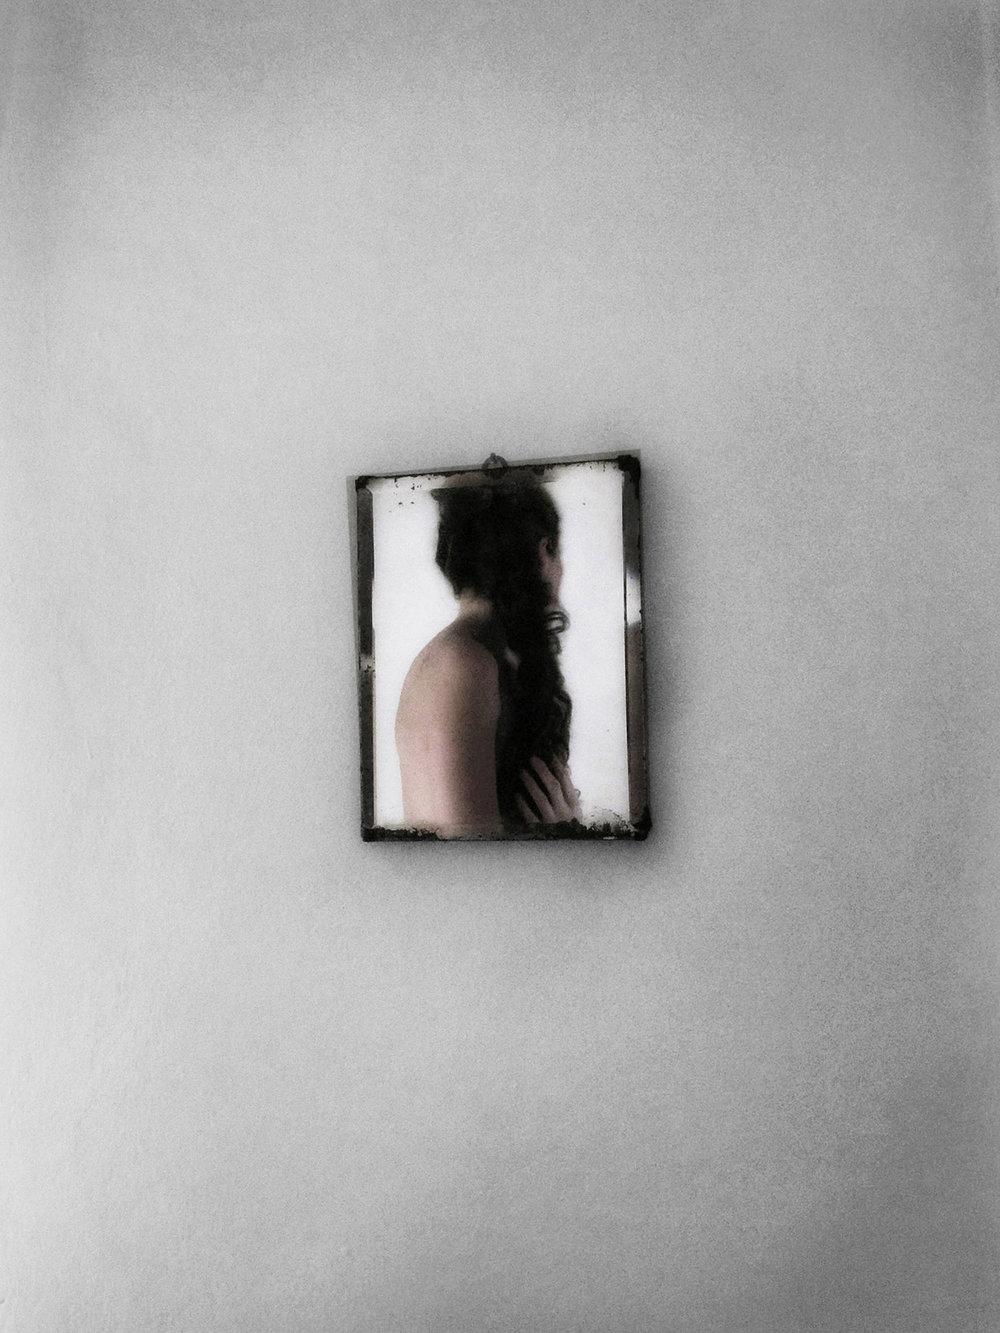 M._untitled#16.jpg